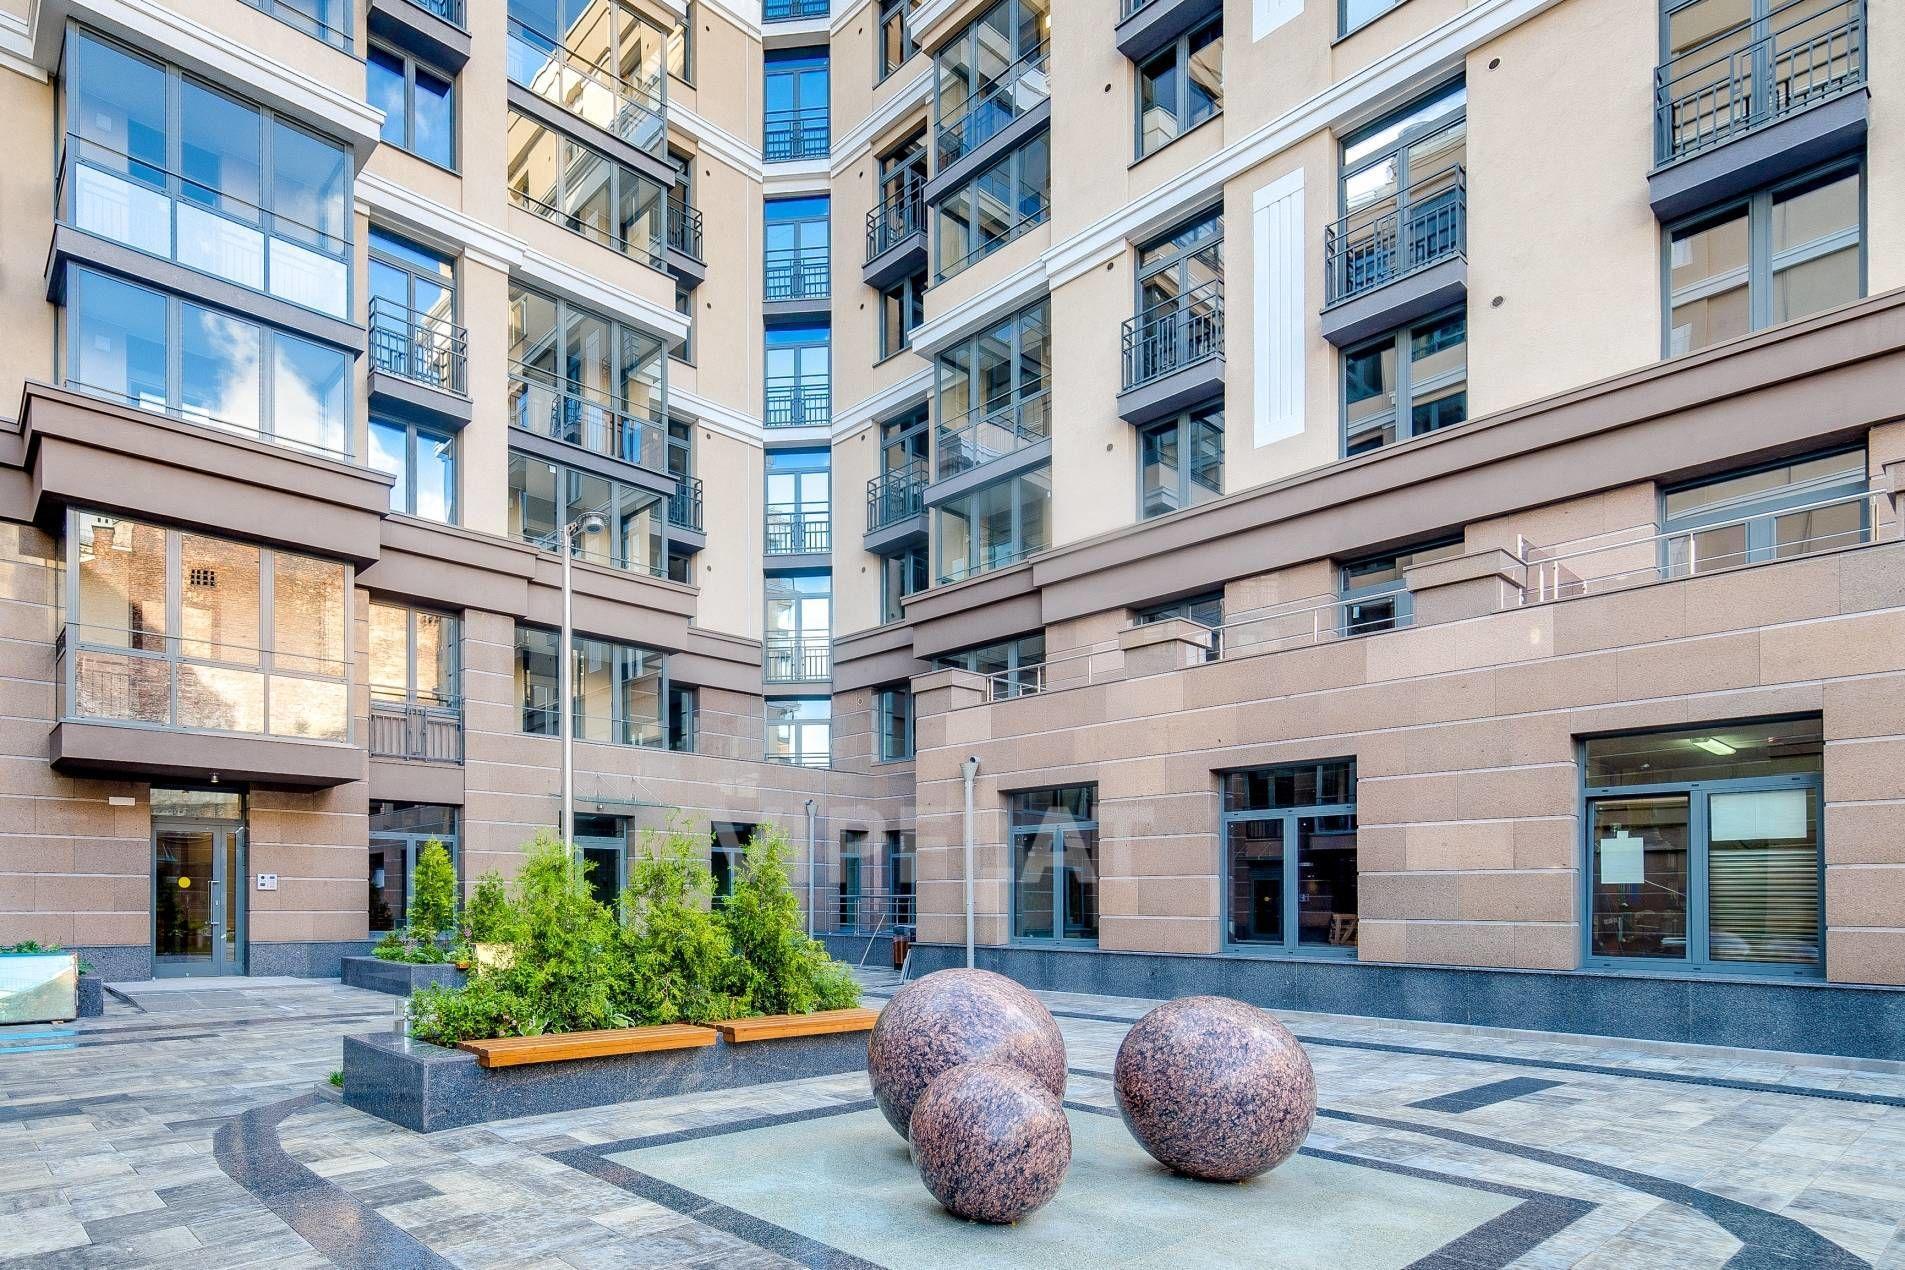 Продажа элитных квартир Санкт-Петербурга. Полтавская ул., 7 Благоустроенная территория